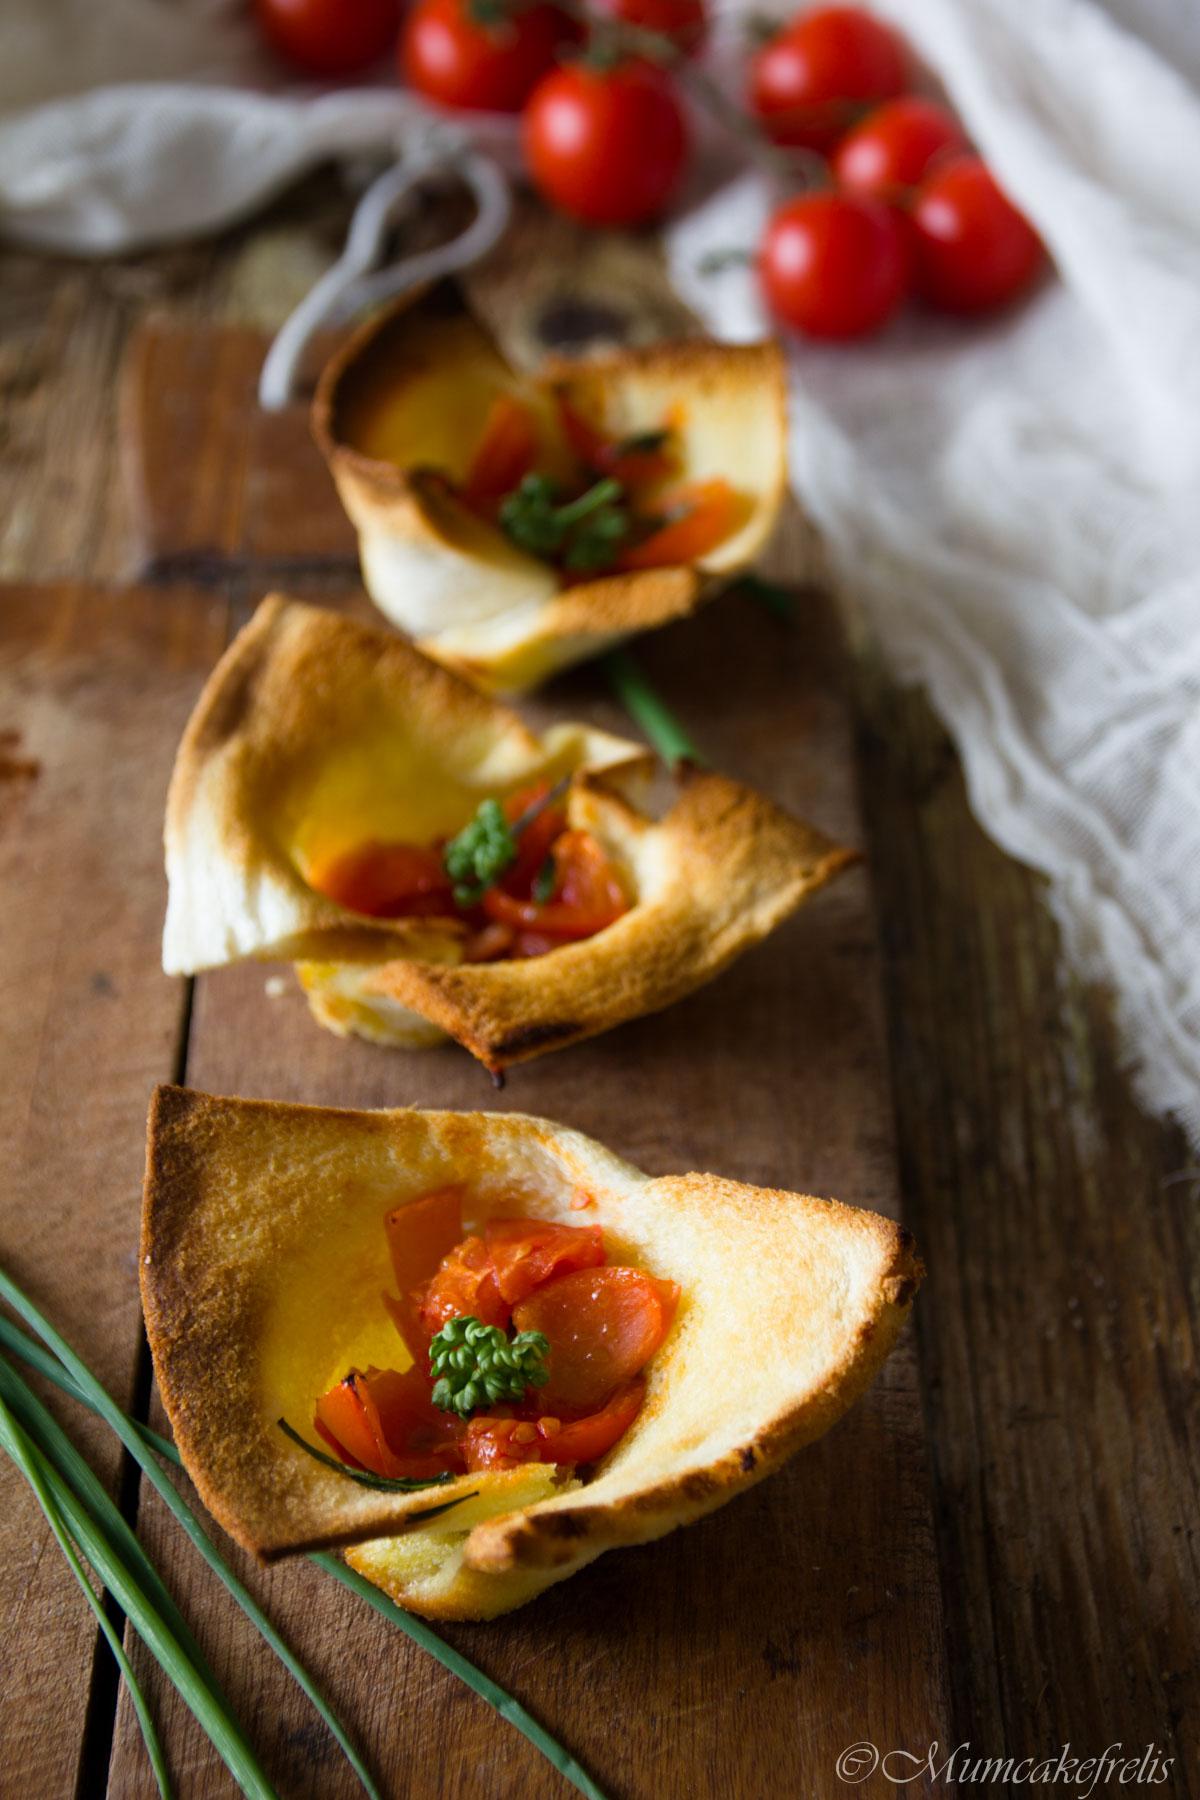 cestini di pancarrè con pomodorini